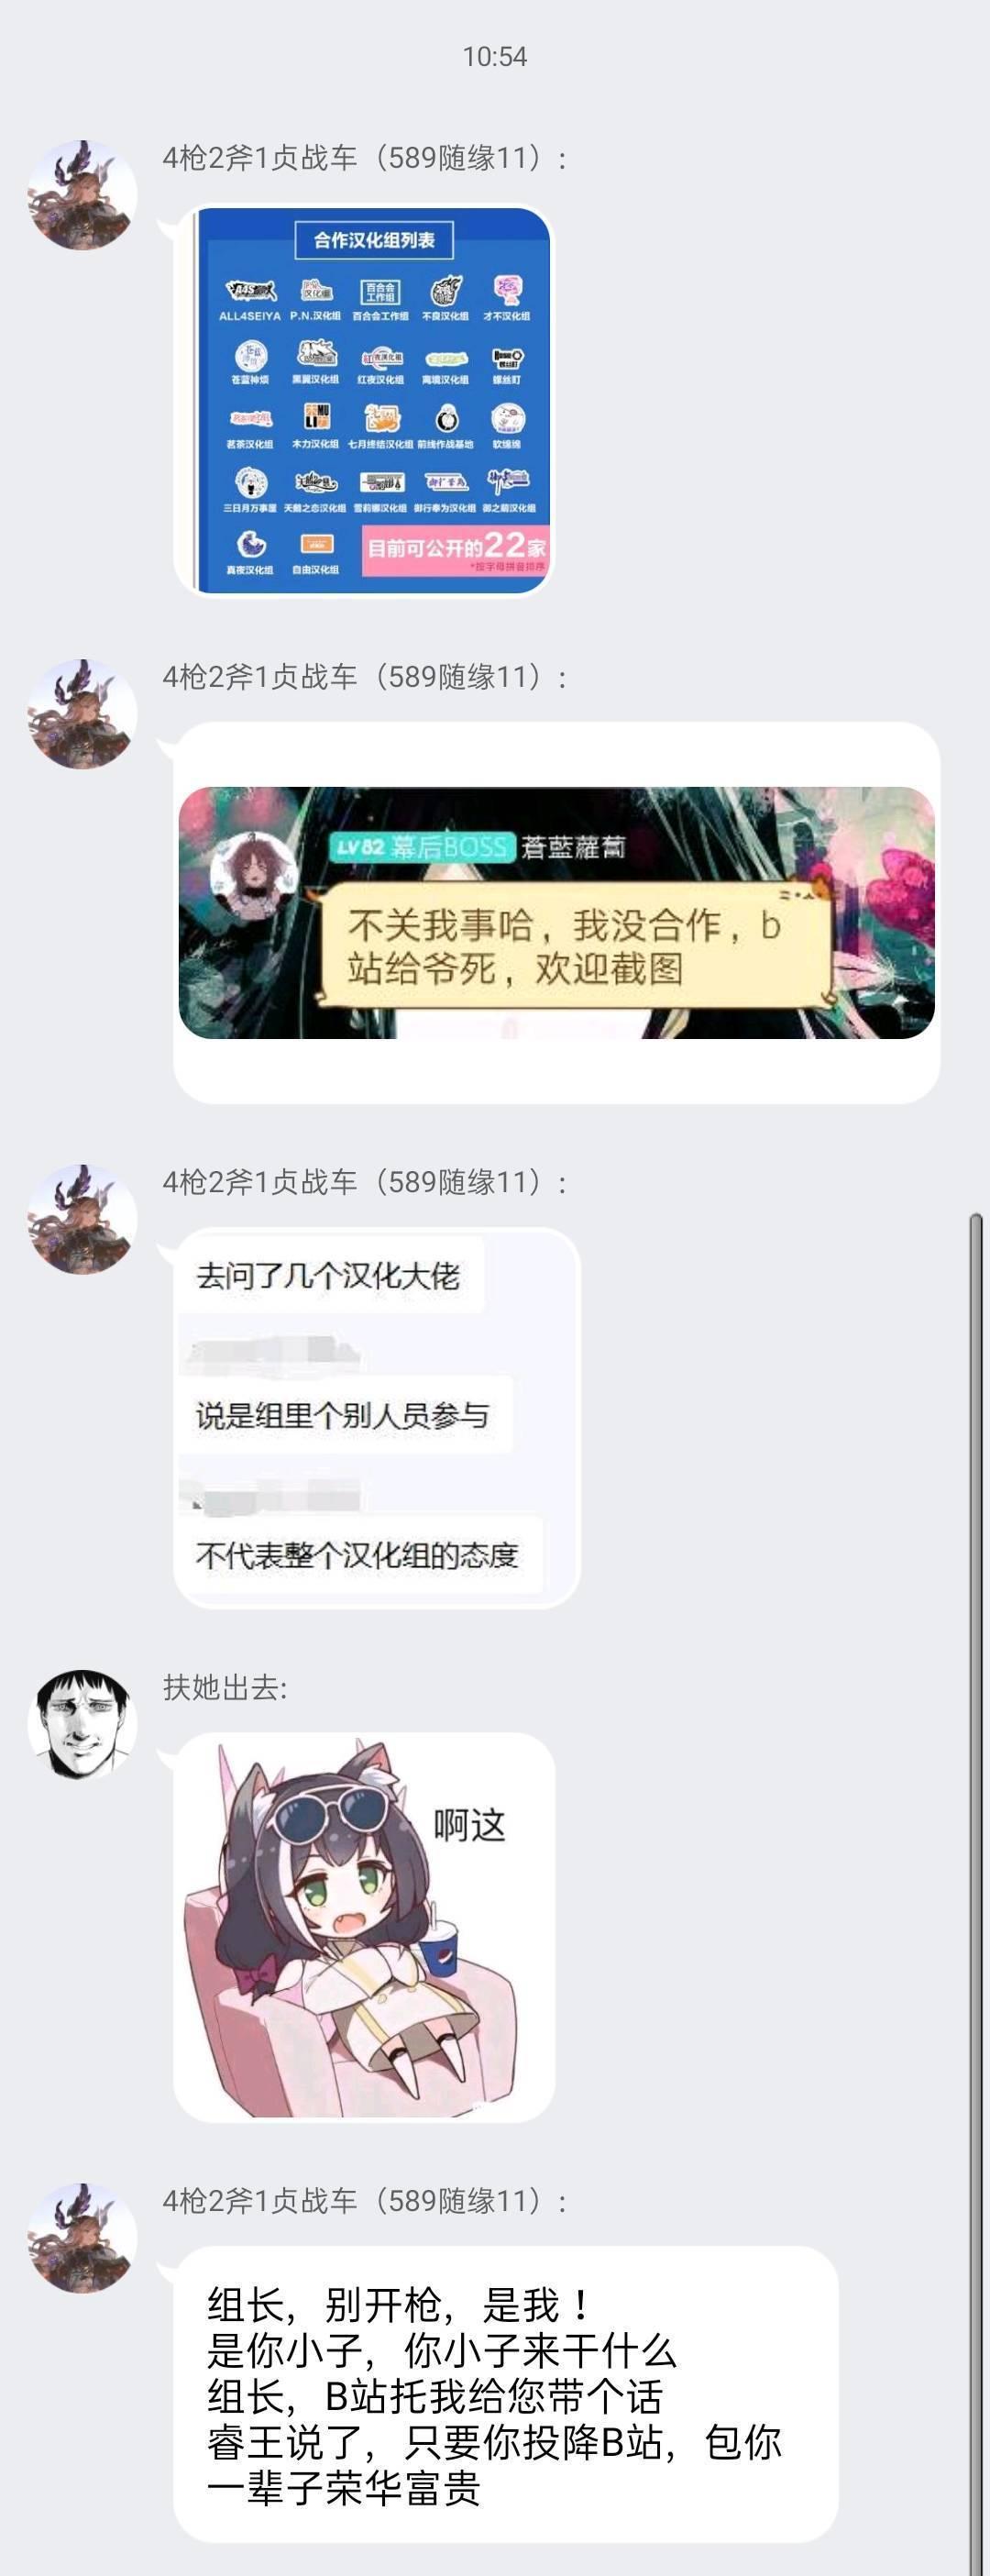 QQ图片20200820160518